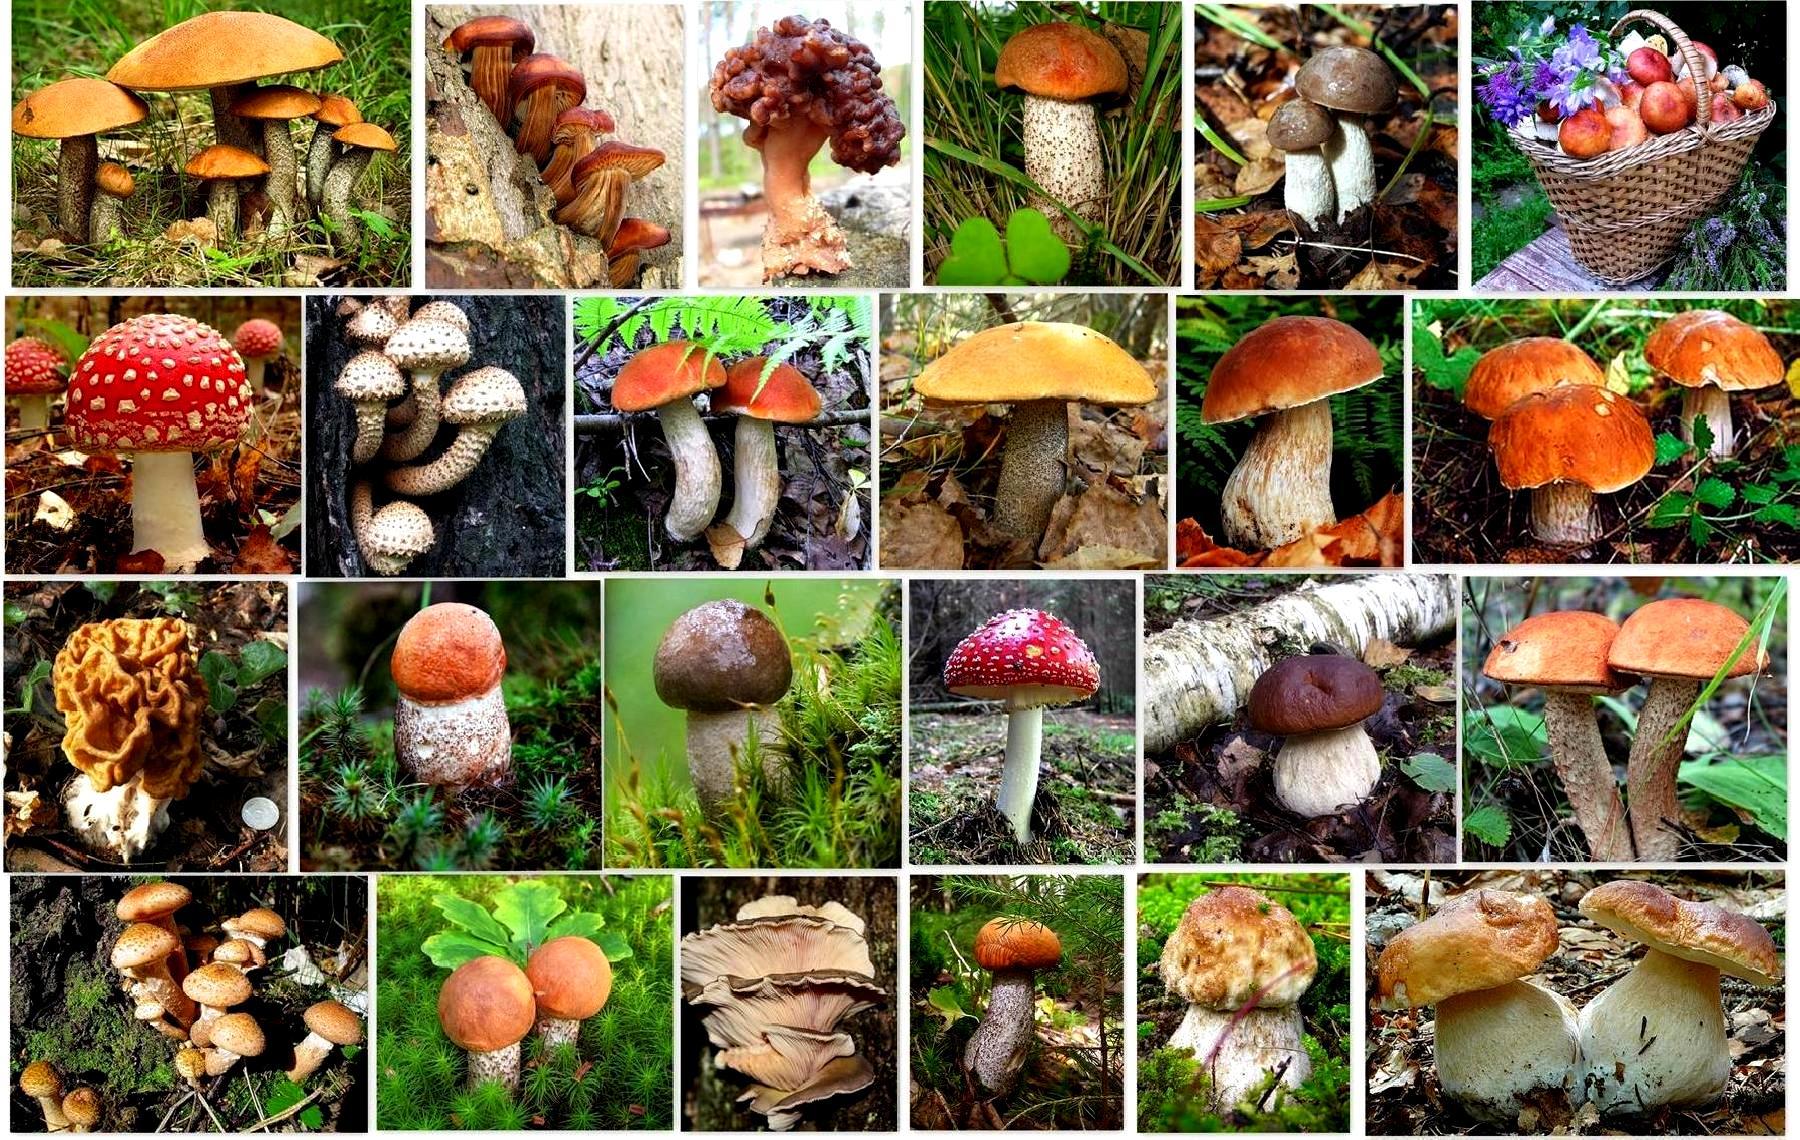 всего такие картинки виды грибов и их названия с фото радостном предвкушении